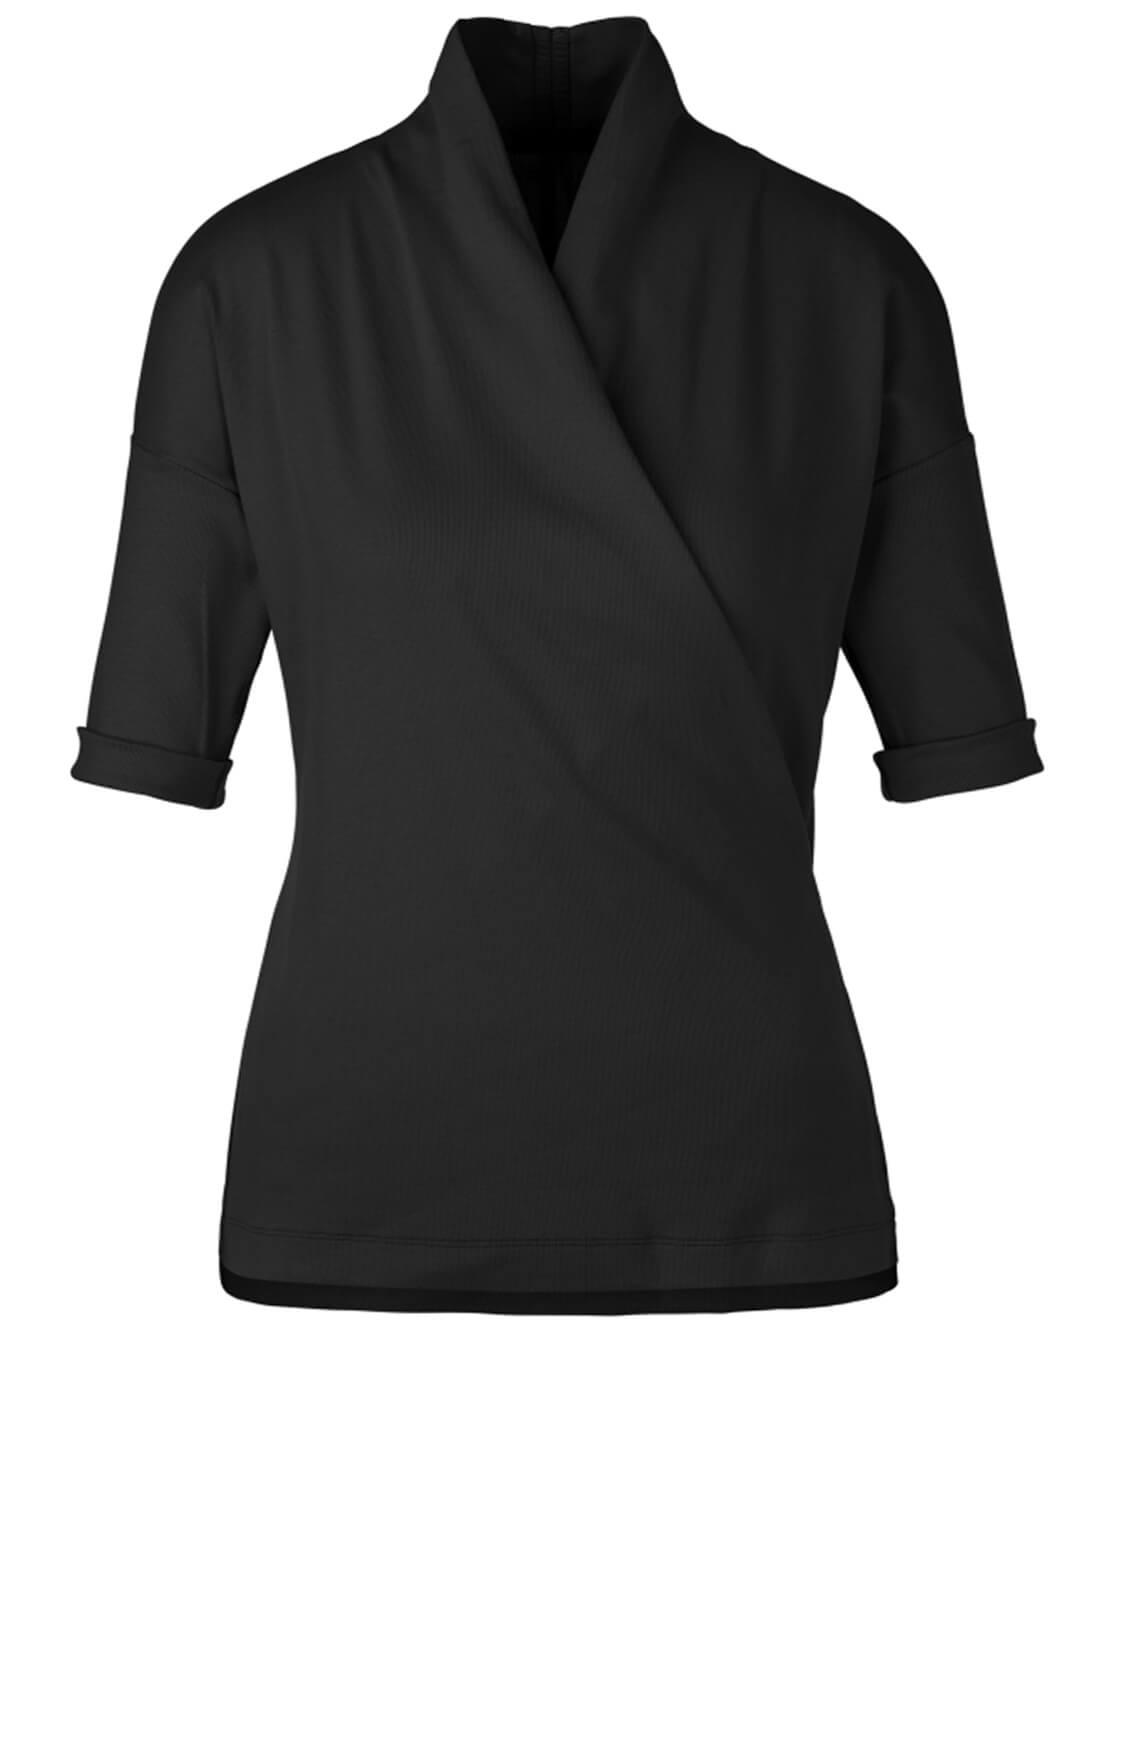 Marccain Sports Dames Shirt met overslag zwart